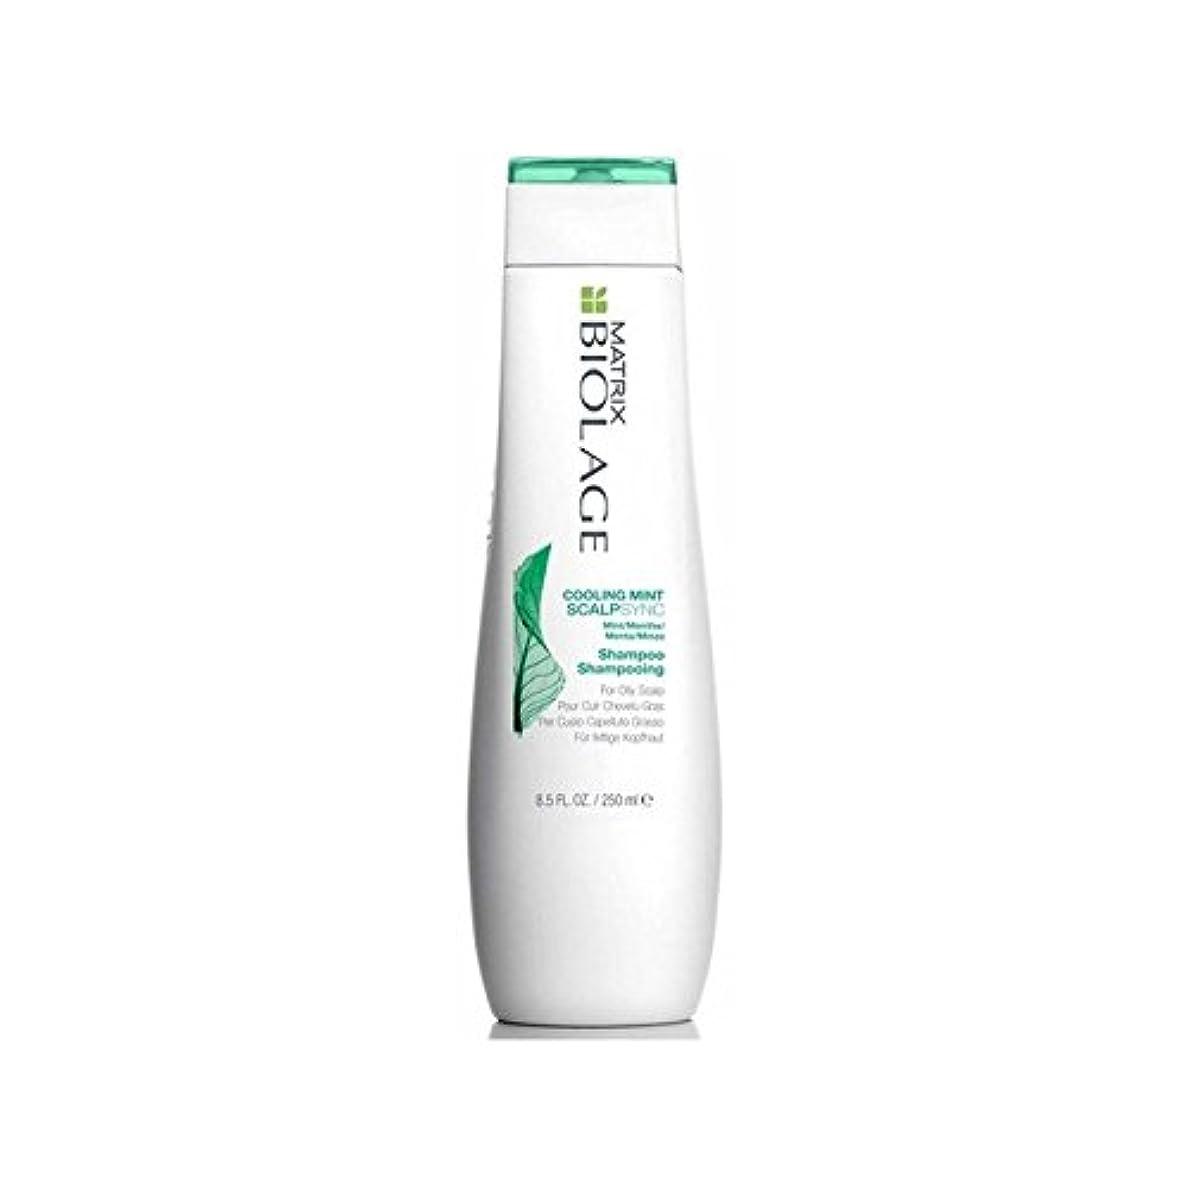 ウォルターカニンガム怖いシネマMatrix Biolage Scalptherapie Scalp Cooling Mint Shampoo (250ml) (Pack of 6) - ミントシャンプー(250ミリリットル)を冷却マトリックスバイオレイジ...